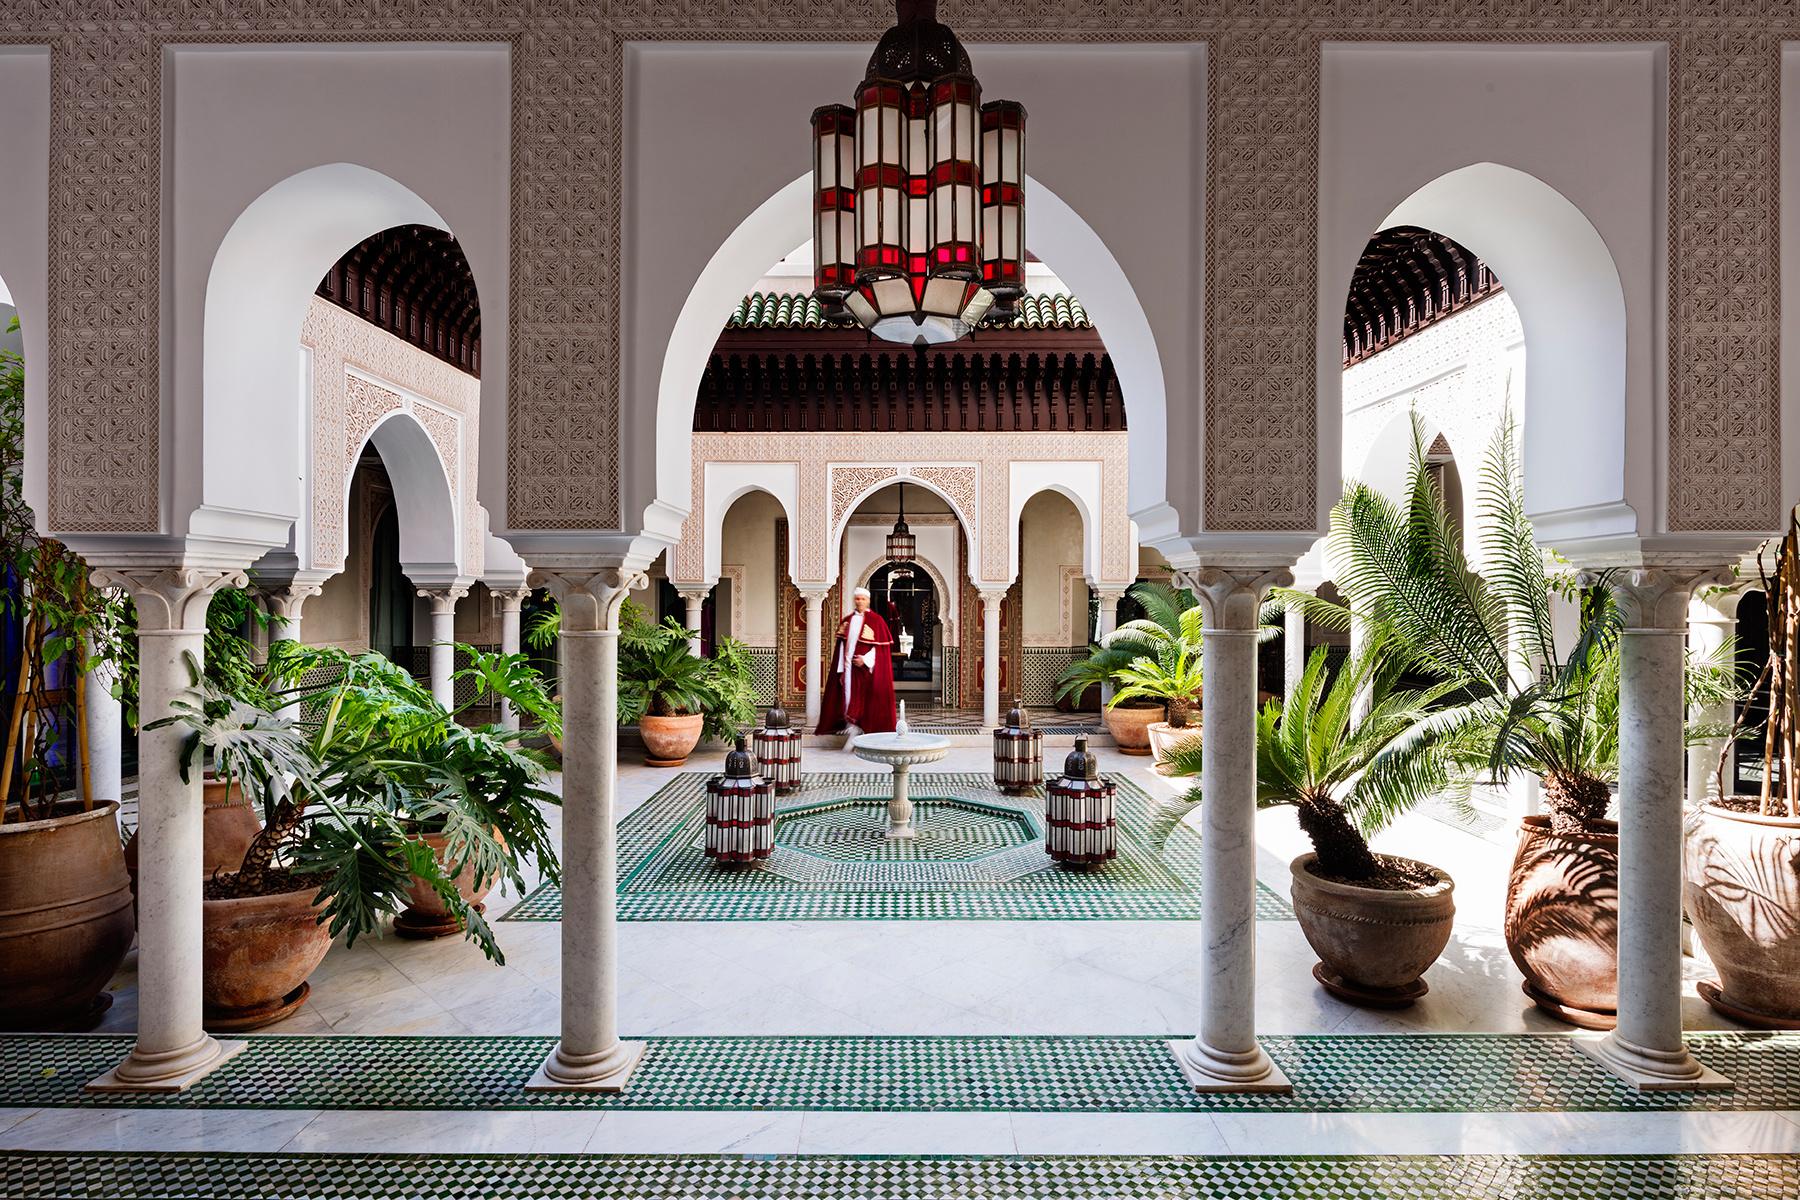 La Mamounia si trova a Marrakech / Mamounia